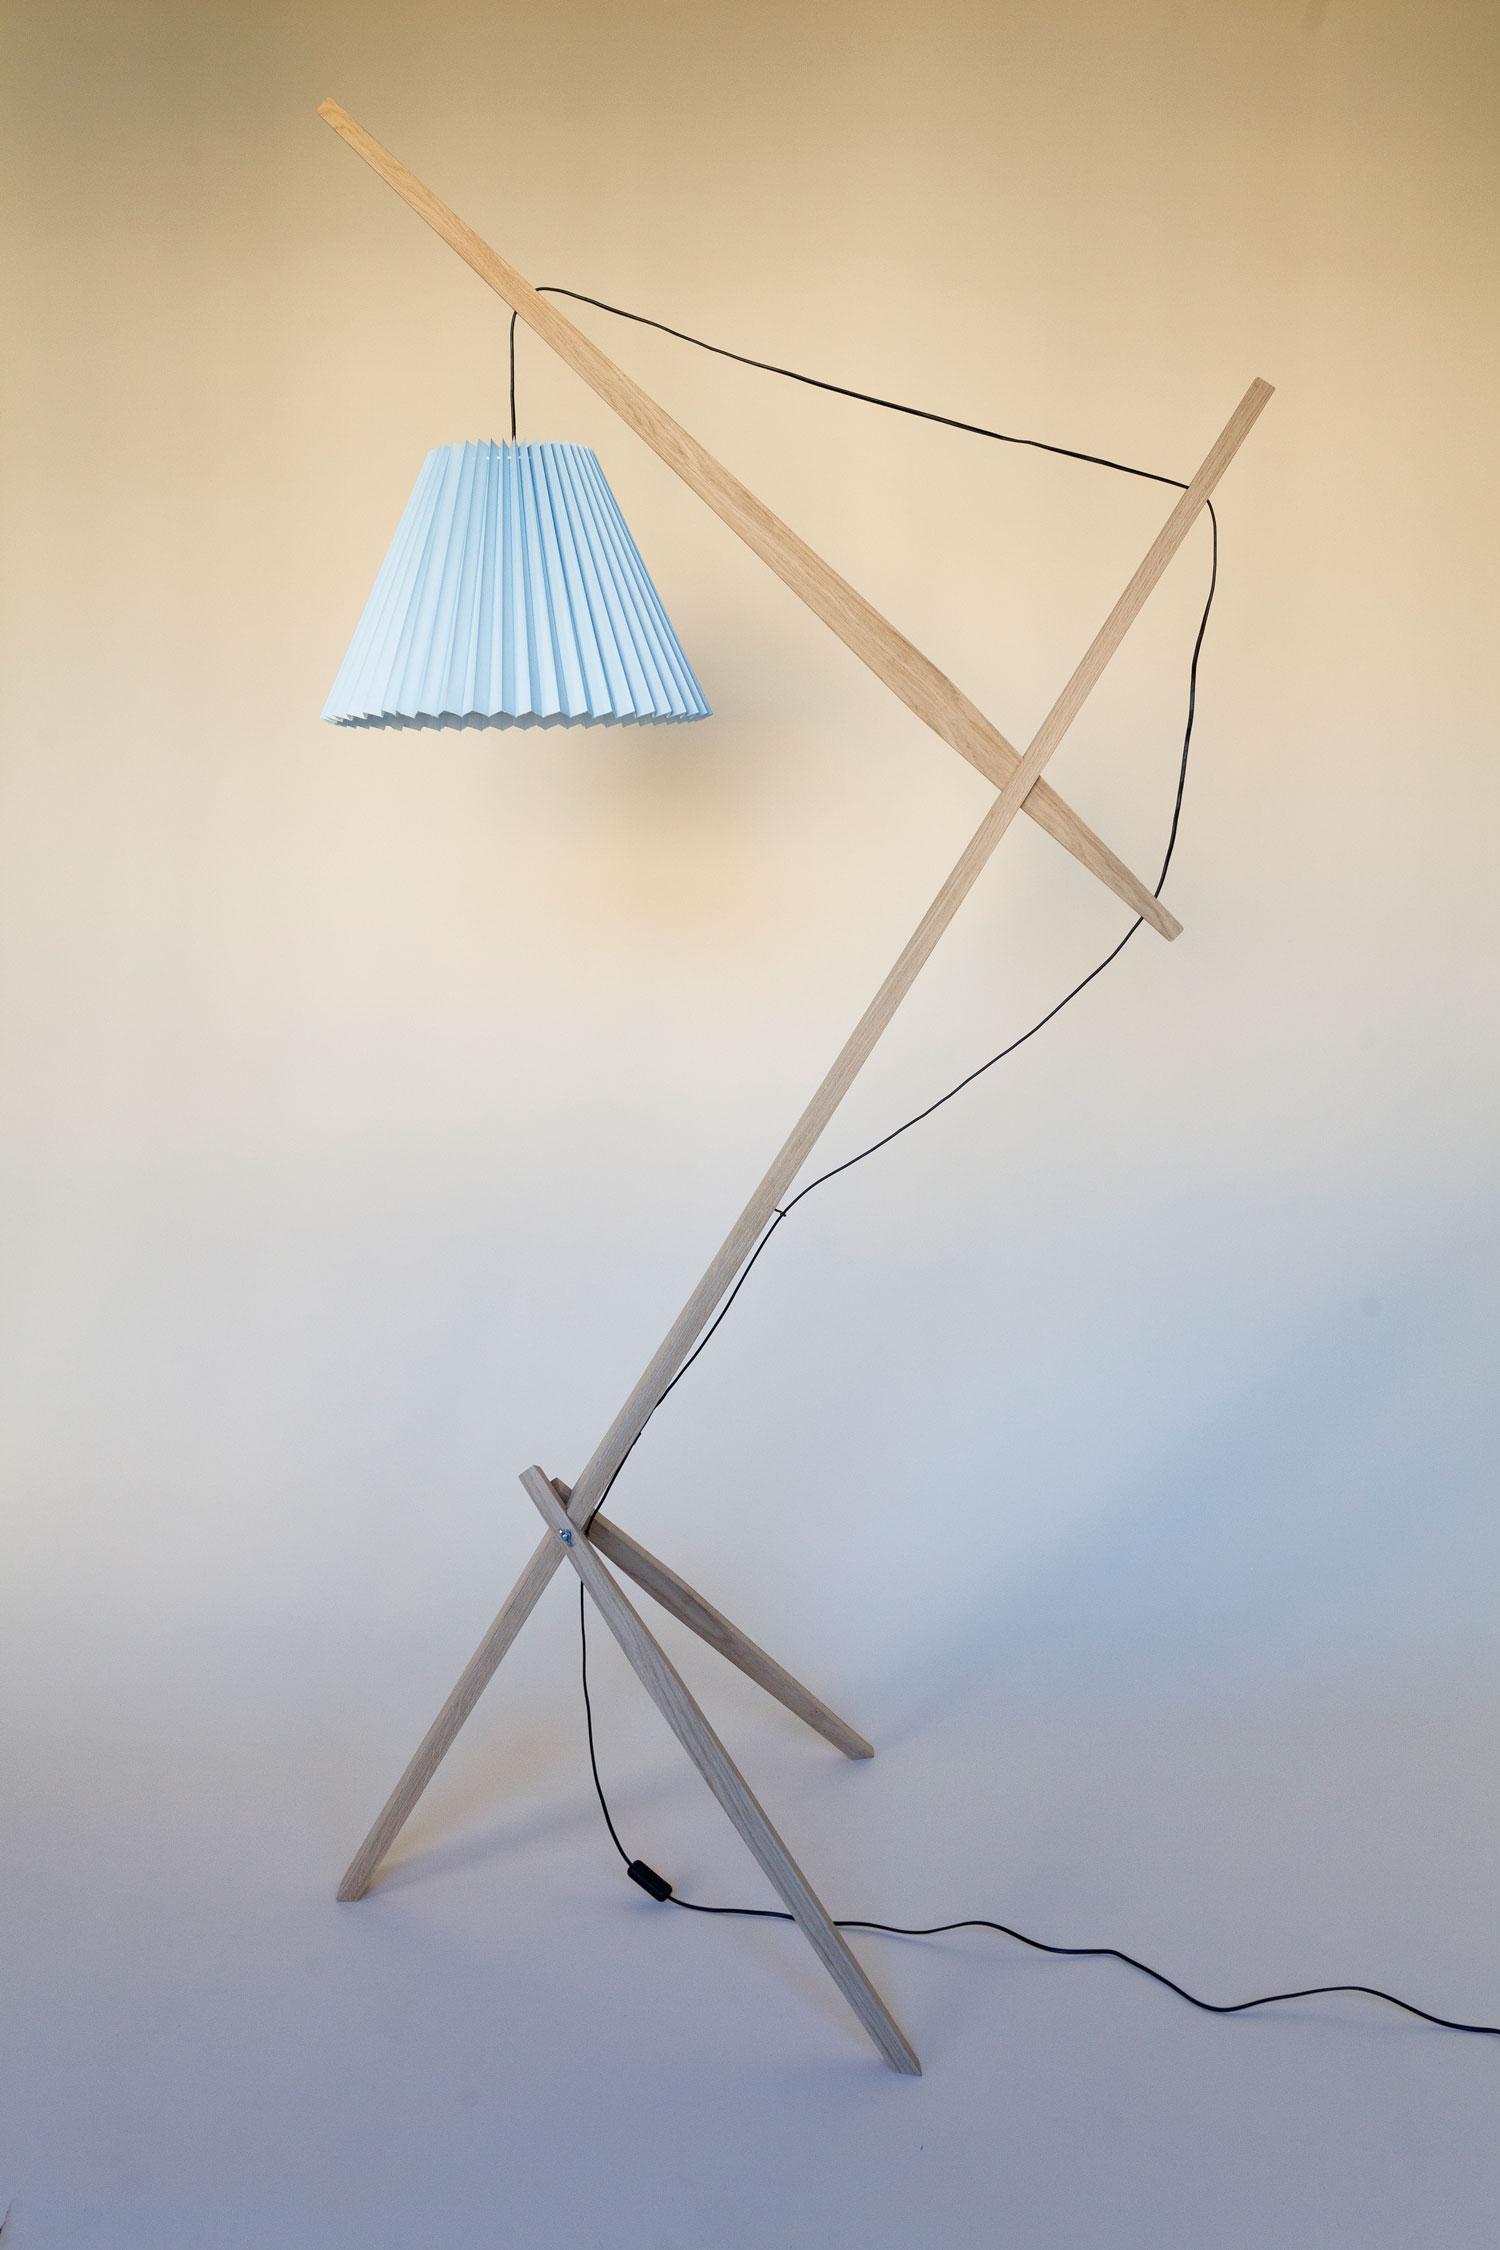 Gulvlampe kaldet Rosa lamp består af en trækonstruktion i dansk FSC-mærket eg fra et savværk i Enderslev, mens lampeskærmen i blå – Gert lampshade – er produceret på en dansk familieejet lampefabrik. Lampen har et højt og lidt ranglet design, der måske kan skabe associationer til en giraf eller en gammel dame. Designet er let og elegant og med et fokus på ledningen, som i designs oftest gemmes væk. Rosa lanceres med 4 forskellige skærmfarver i smukke pastelagtige farver nemlig blå, mint, salmon og hvid.